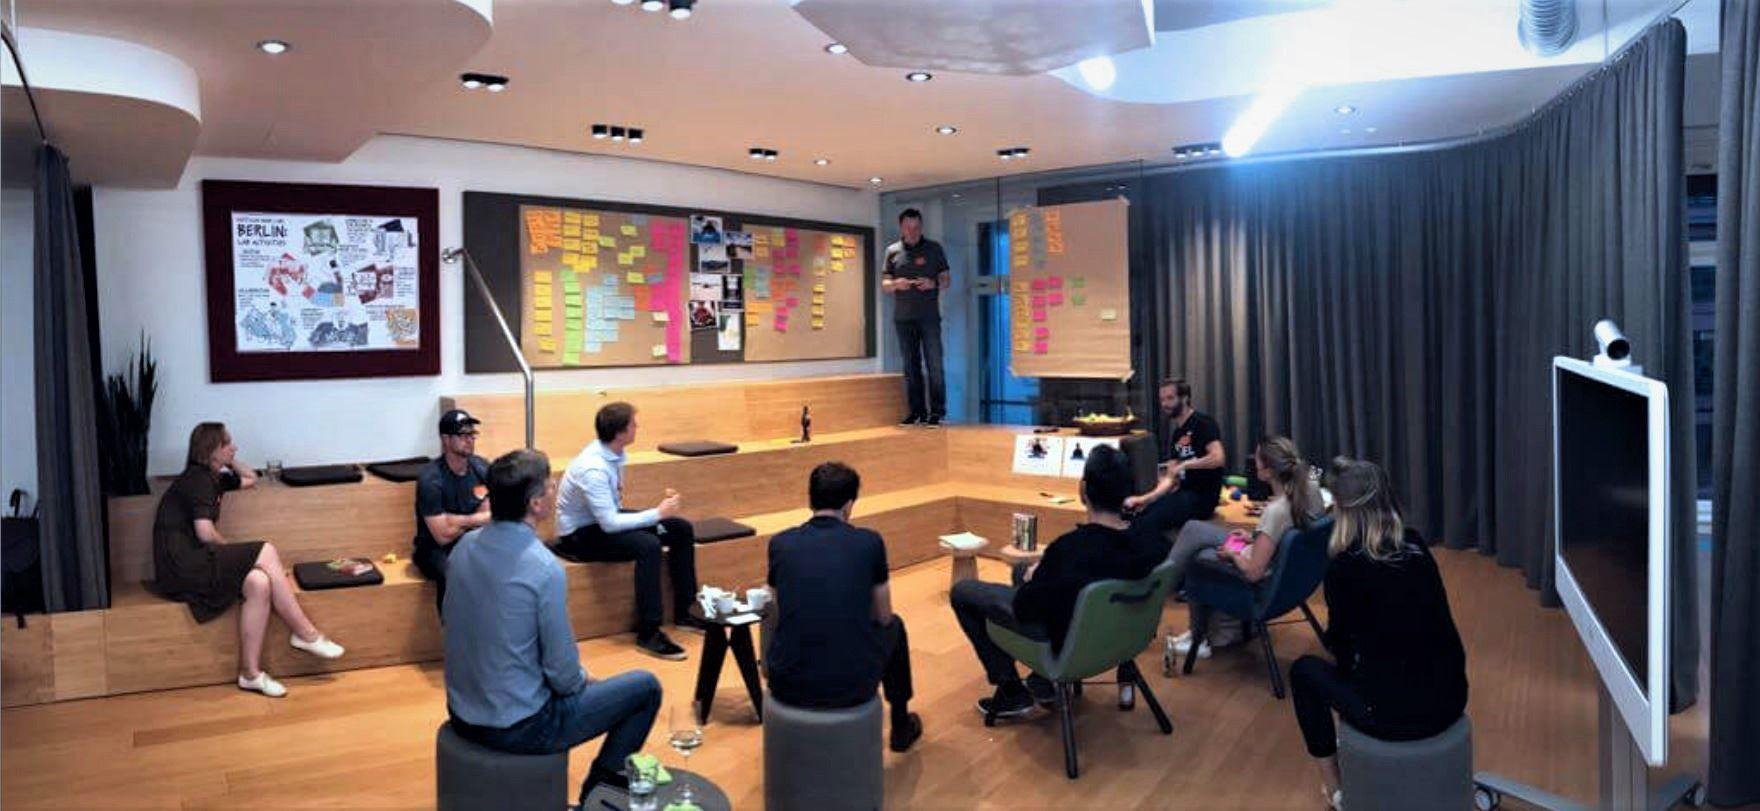 Deutsche Bank Innovation Labs